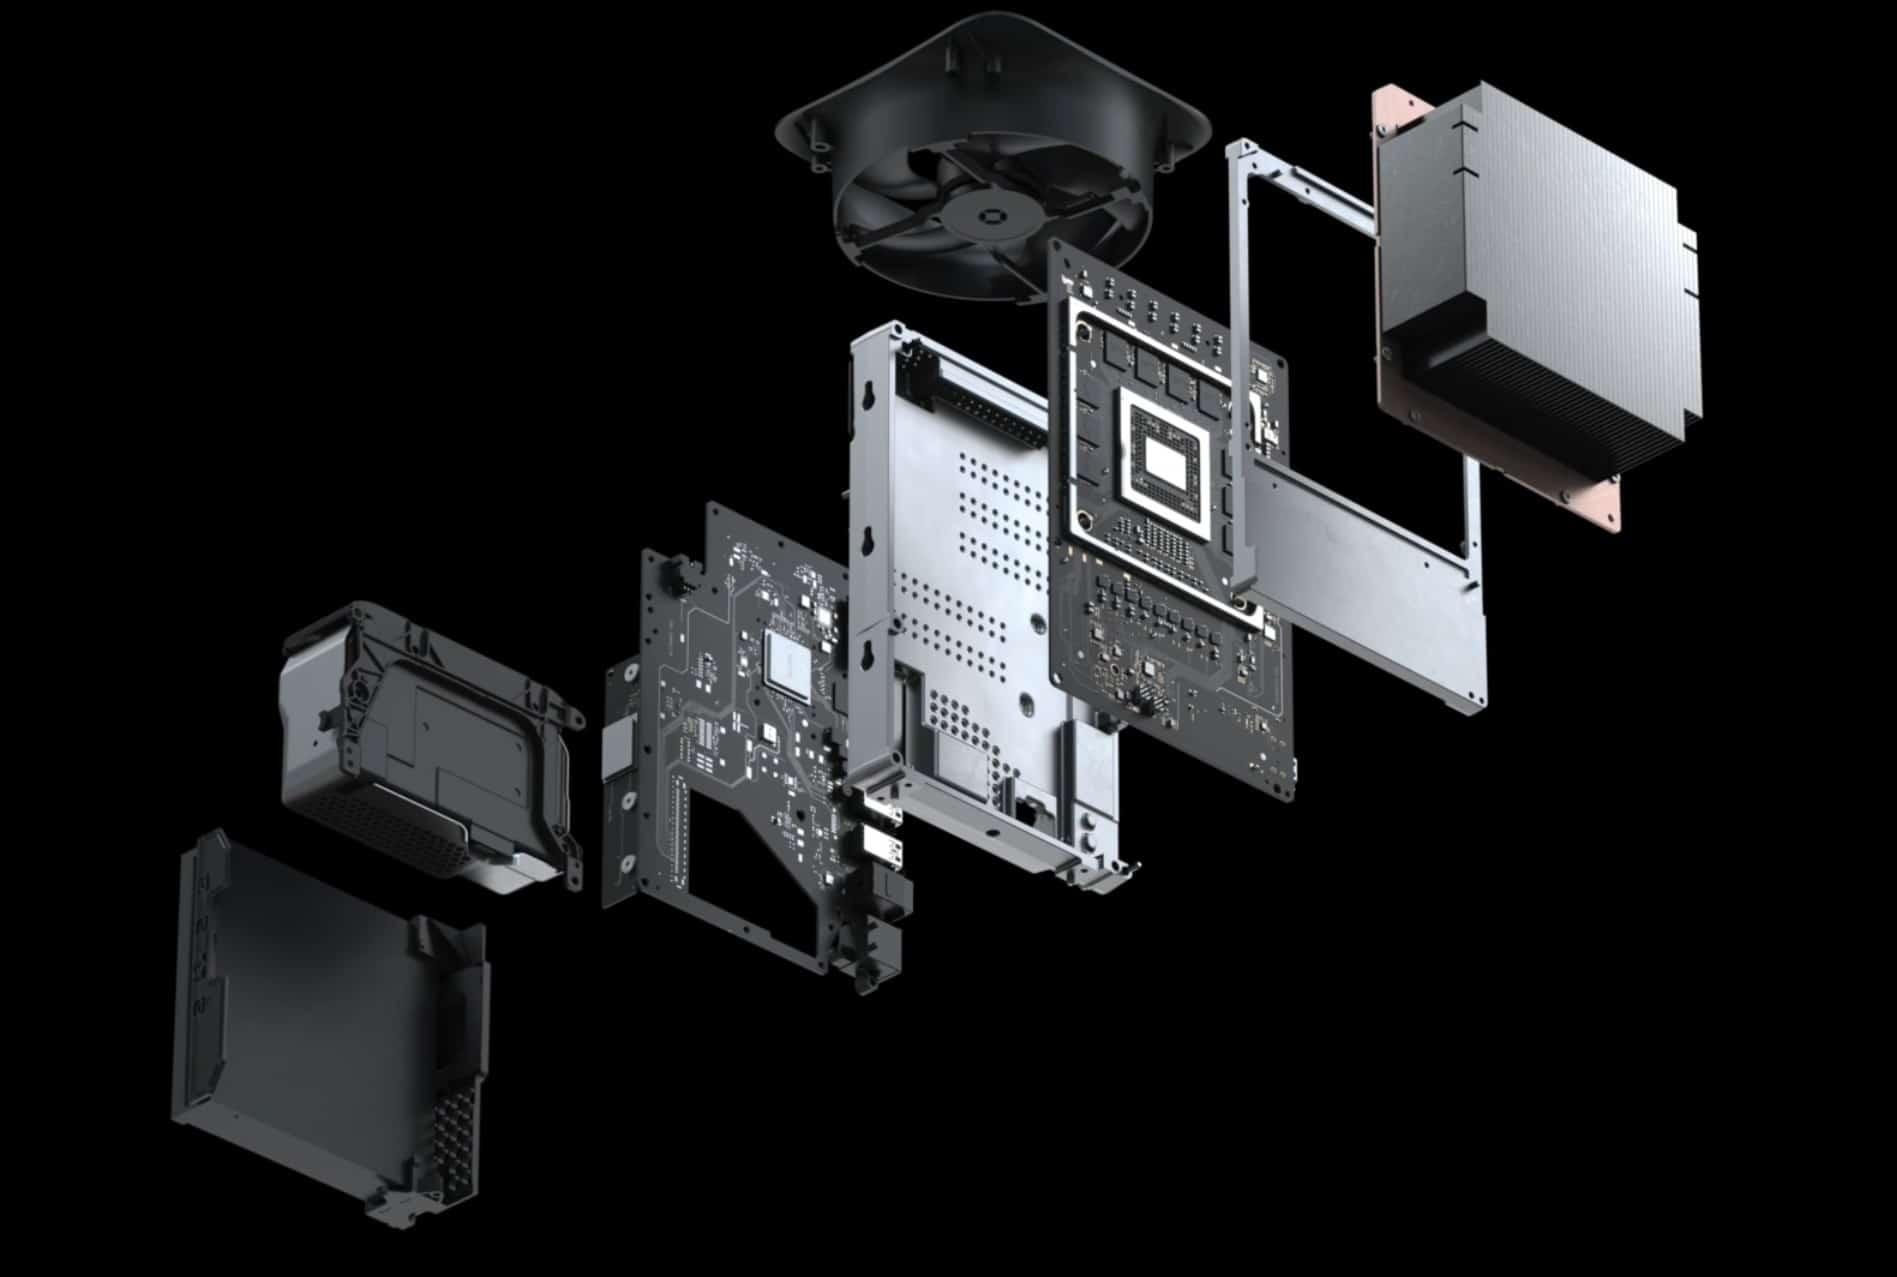 Die Hardware der Xbox Series X ist leistungsfähiger. Die SSD der PlayStation 5 ist dagegen schneller. (Foto: Microsoft)